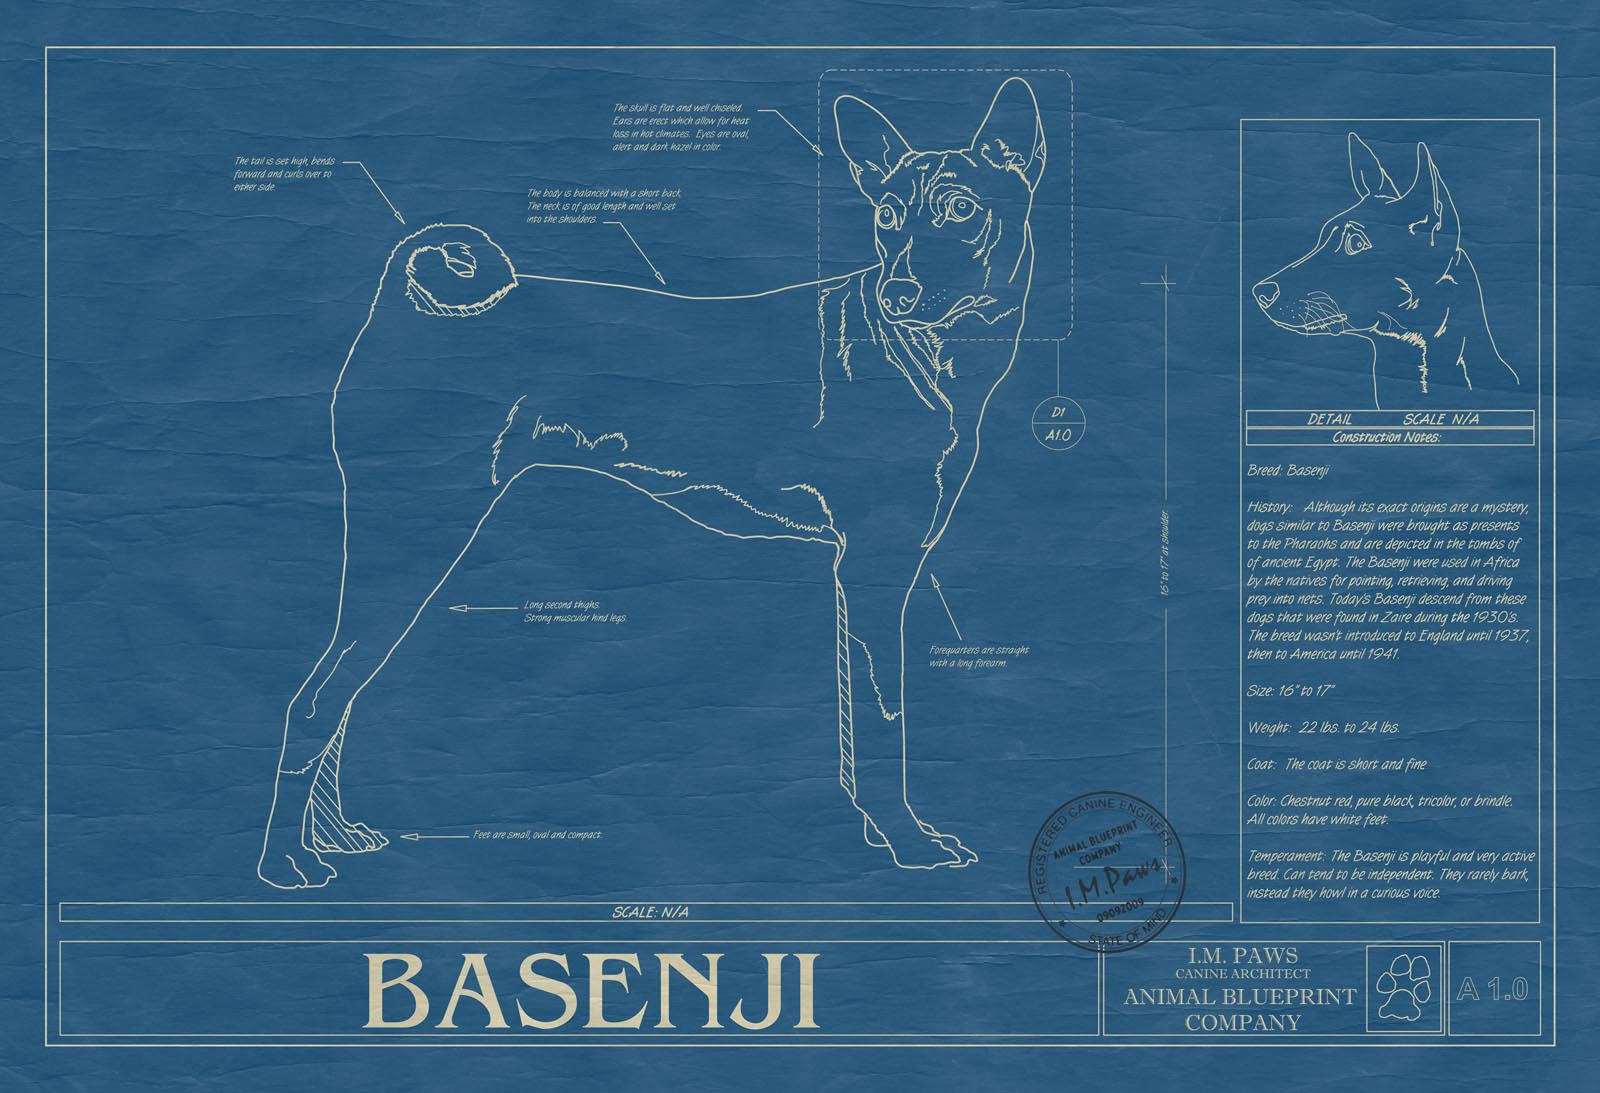 Basenji dog animal blueprint company basenji dog blueprint malvernweather Choice Image